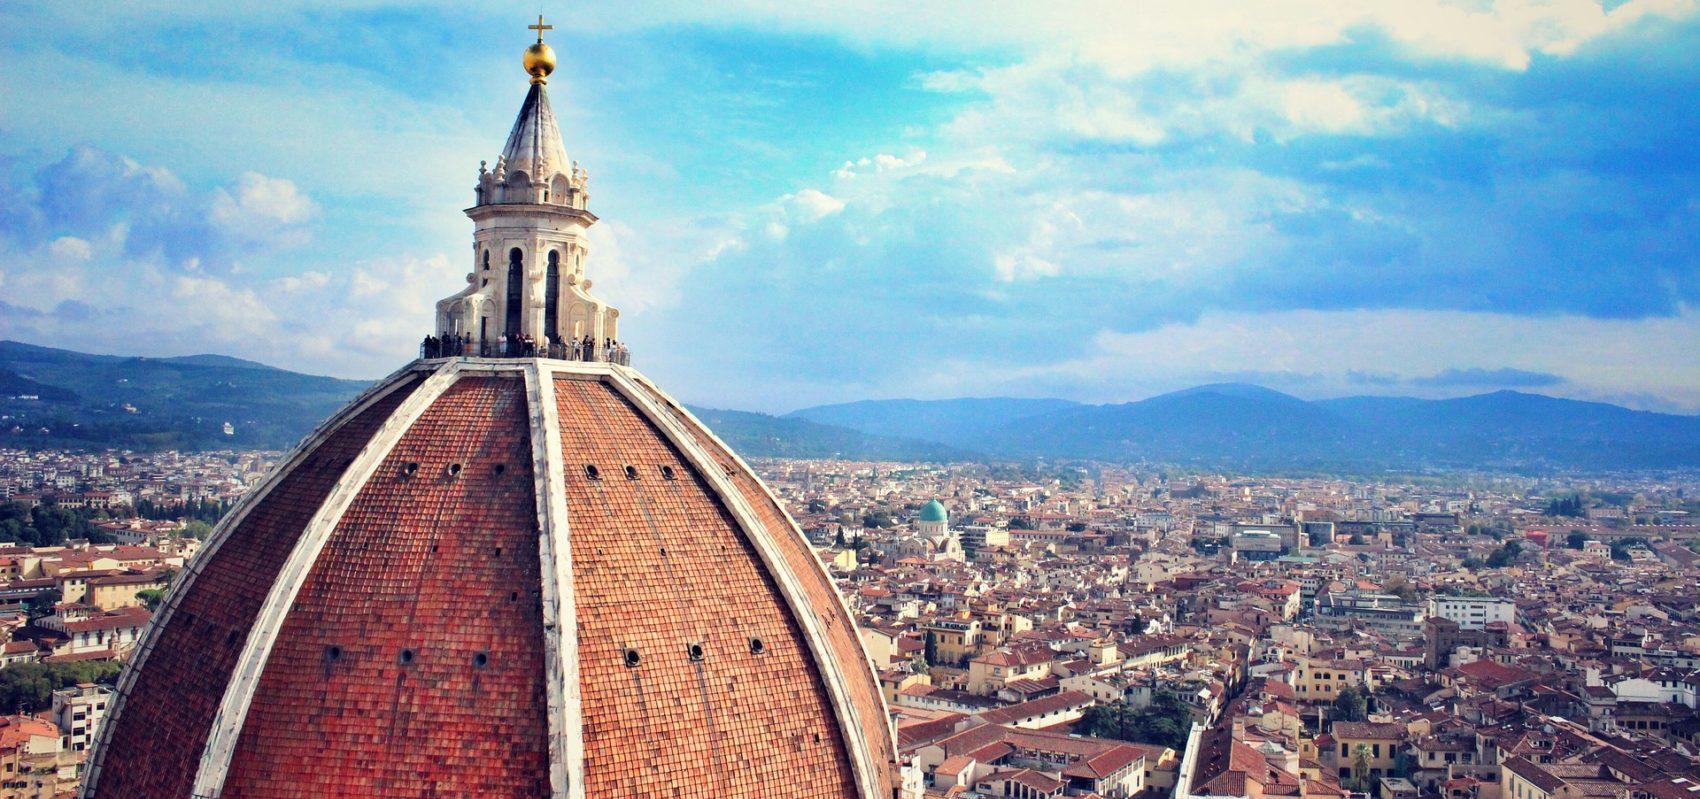 Goditi un vero gelato artigianale nel cuore di Firenze